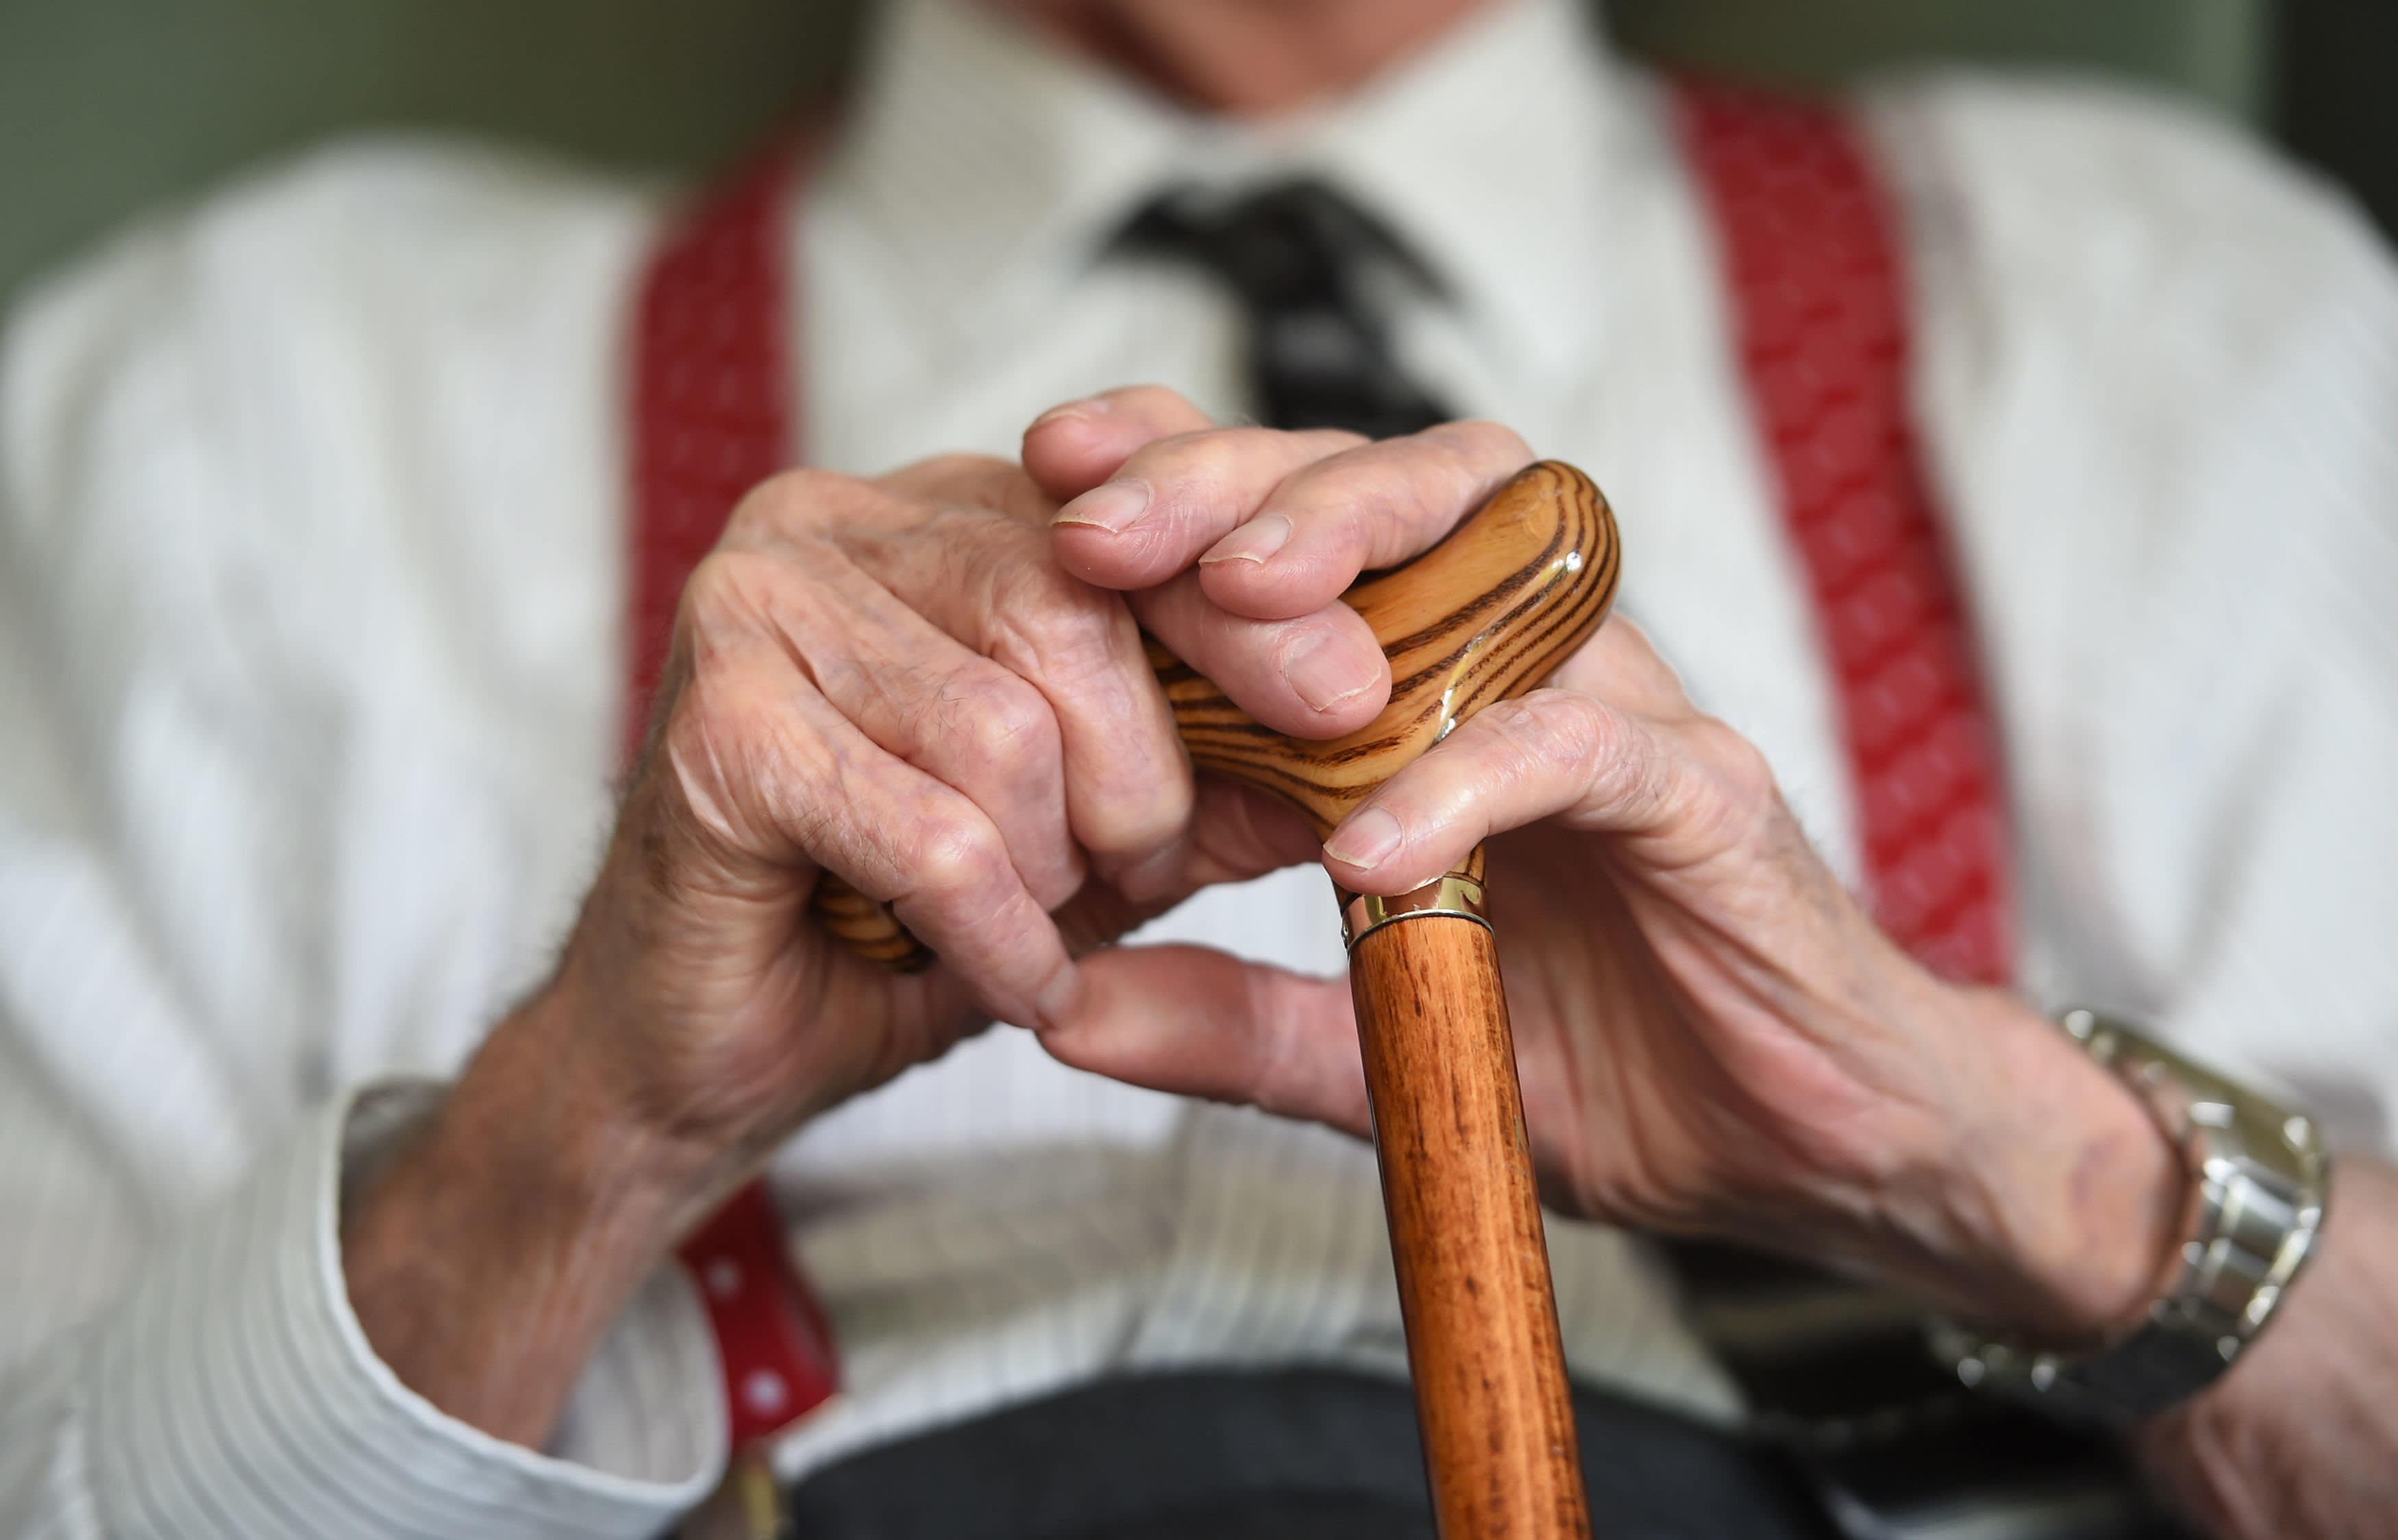 Govt announces £1bn social care boost